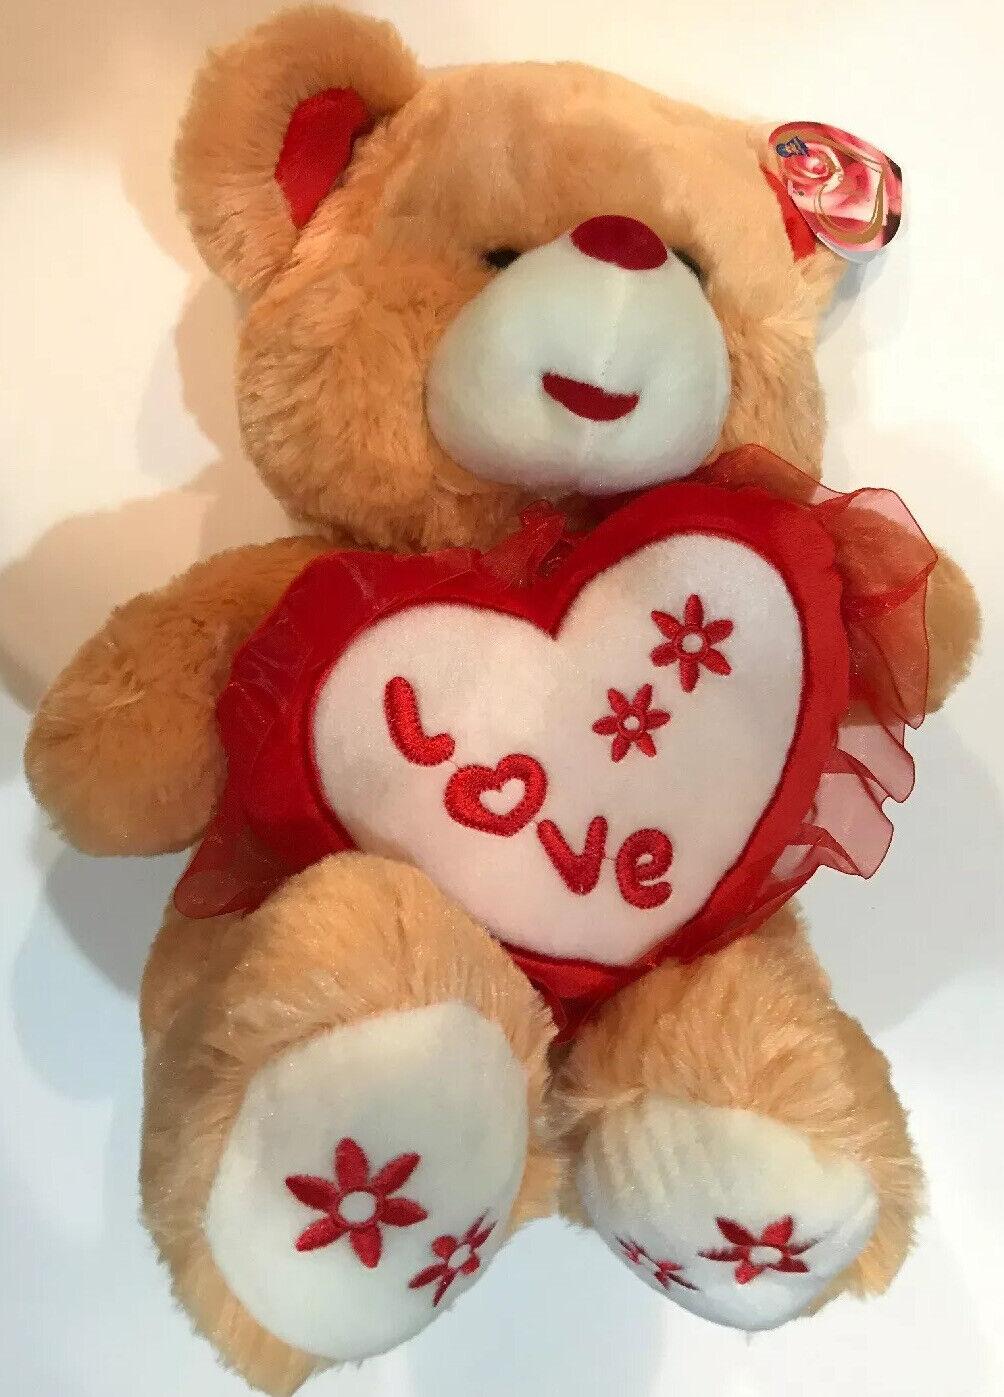 50cm Love Teddy Bear Gift Pillow Beige Plush Toys DollGiant Stuffed Animal Gift